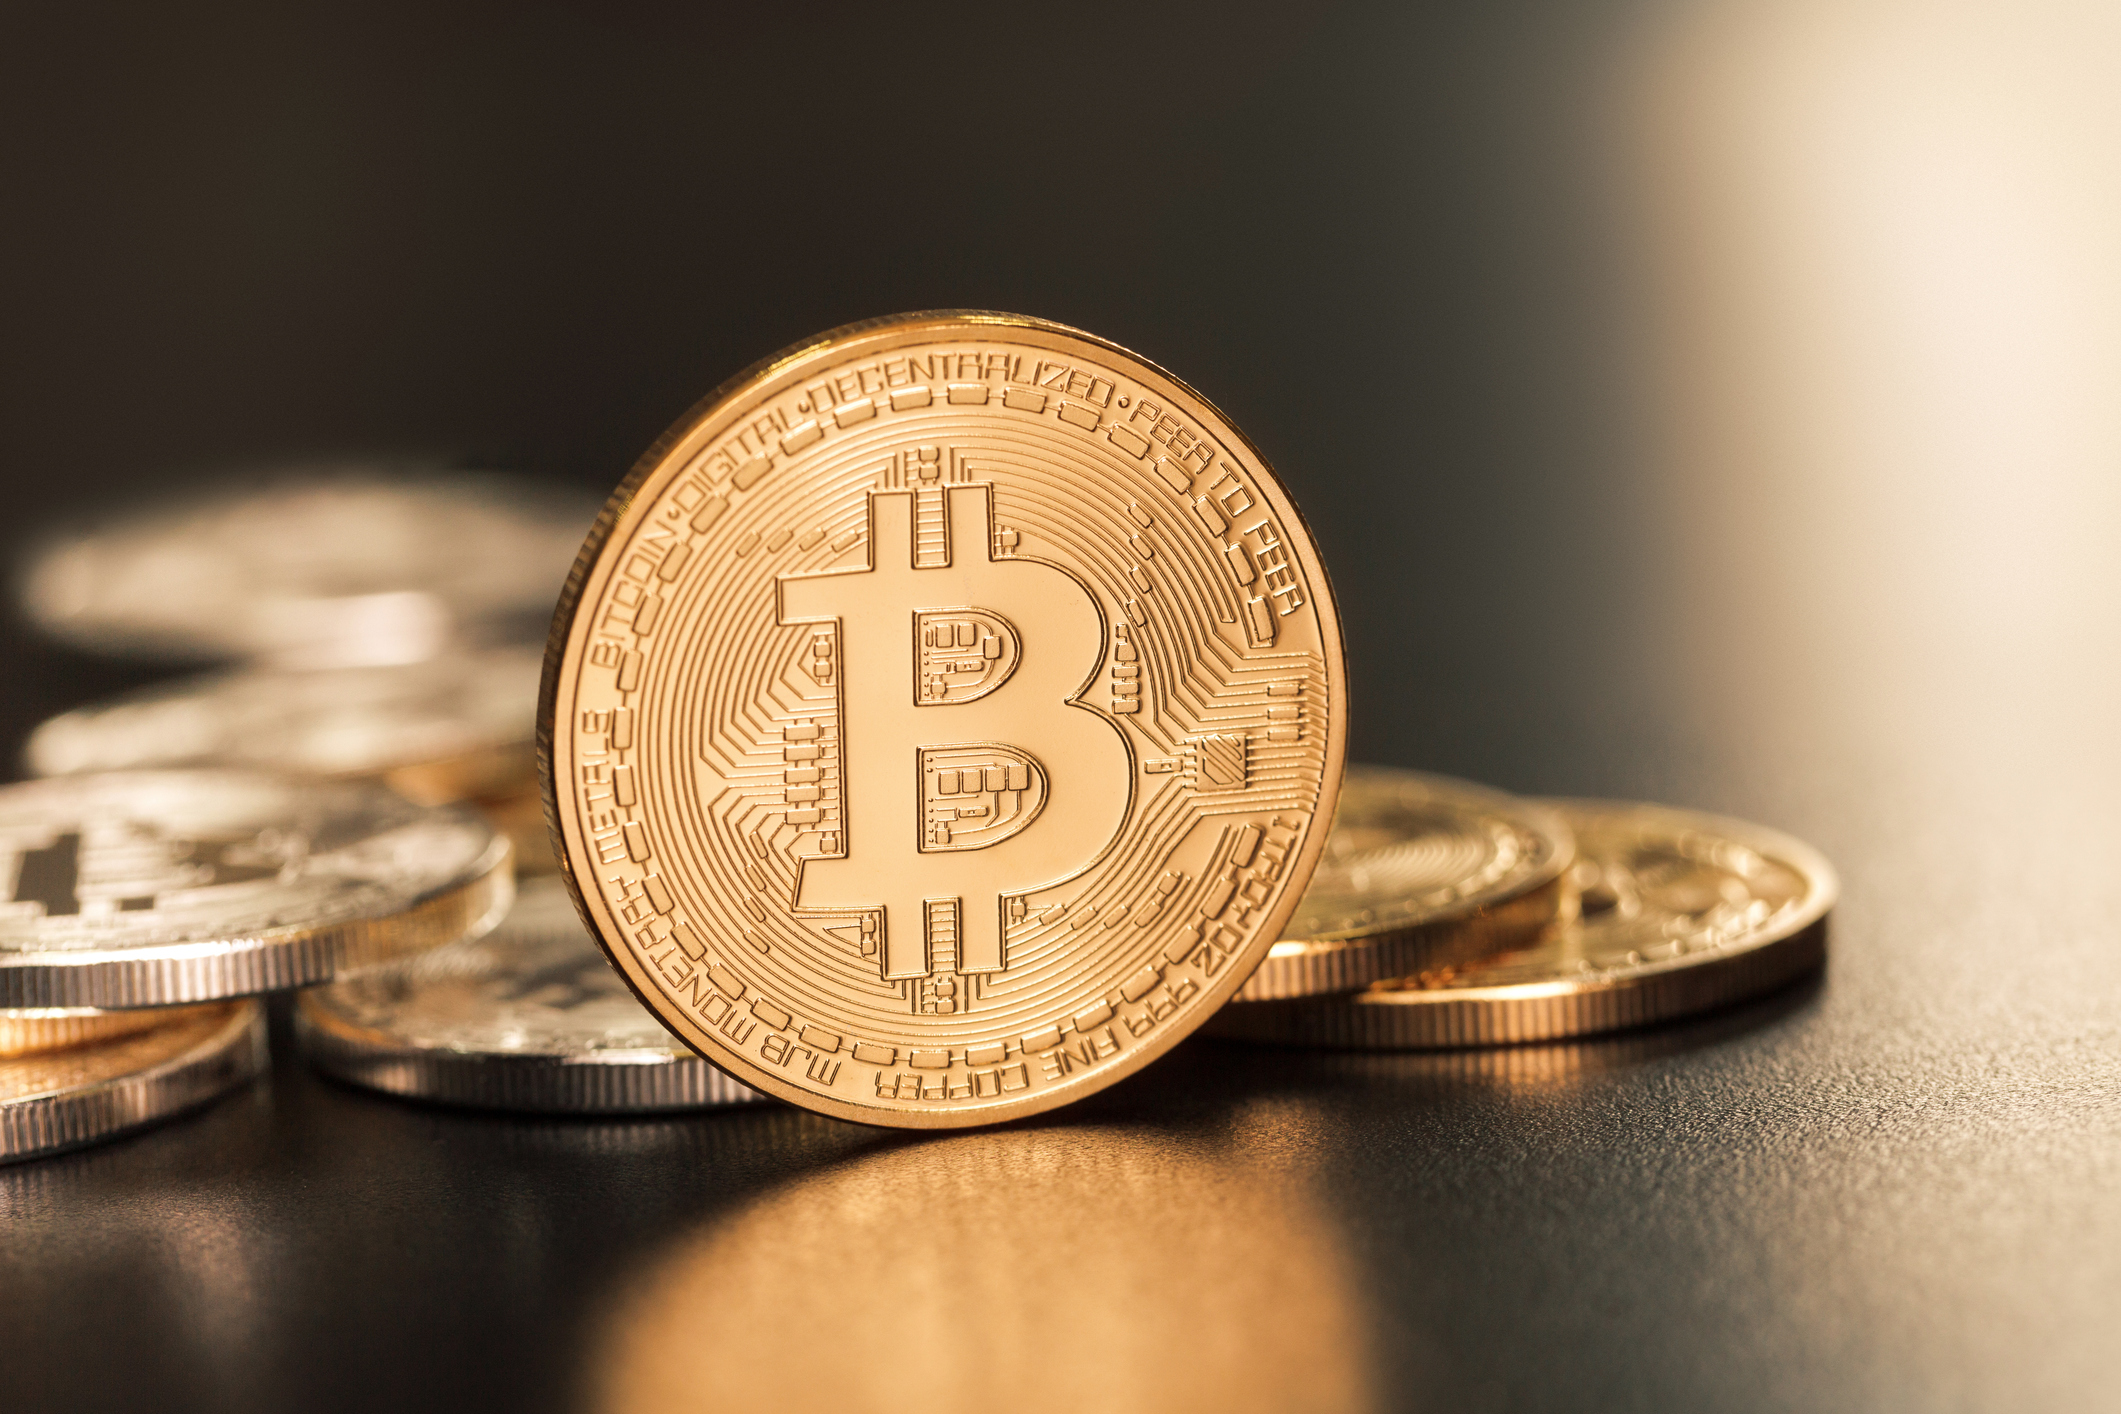 Antiriciclaggio e monete virtuali: che cosa prevede la nuova normativa?